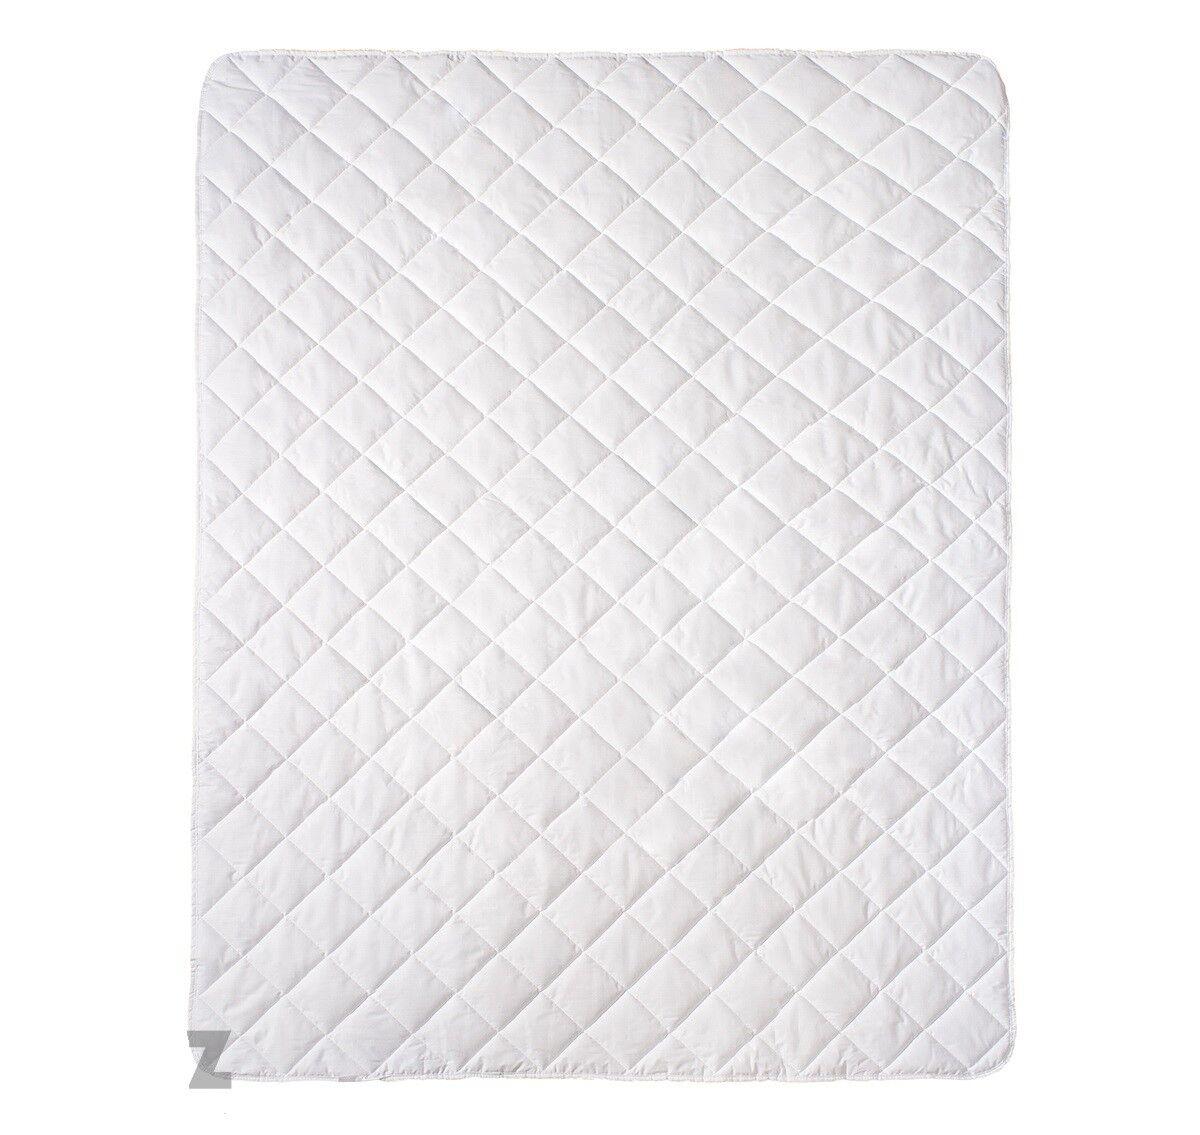 Matratzenauflage für Kinderbett Topper Matratzenschoner Matratzenschutz Auflage